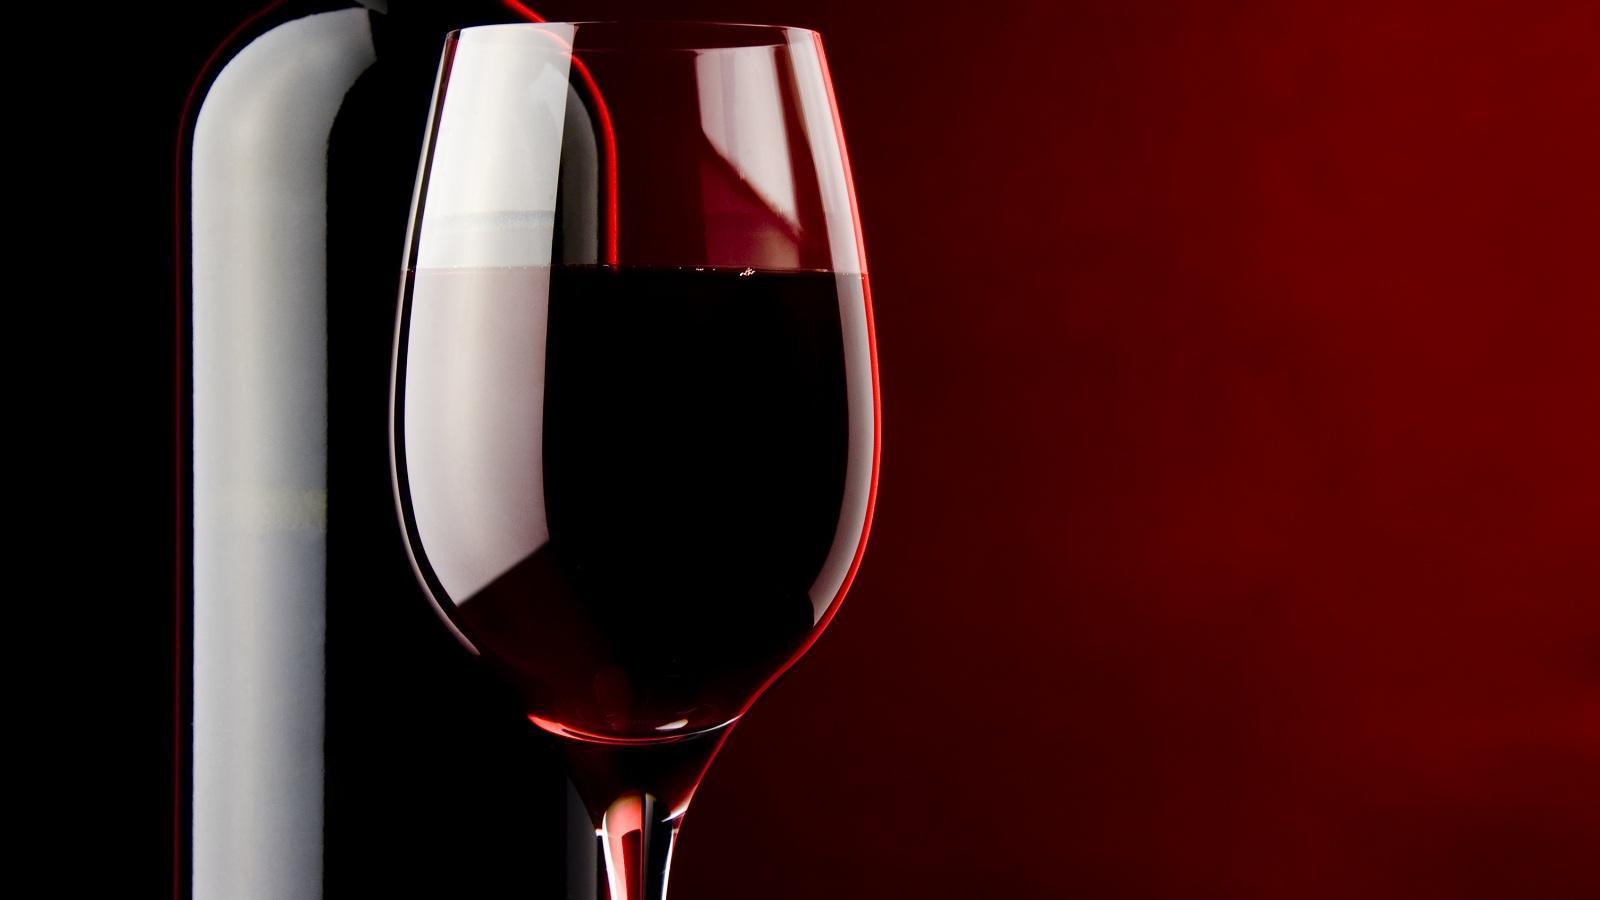 Credenza Per Vino : Vino sfatiamo cinque falsi miti